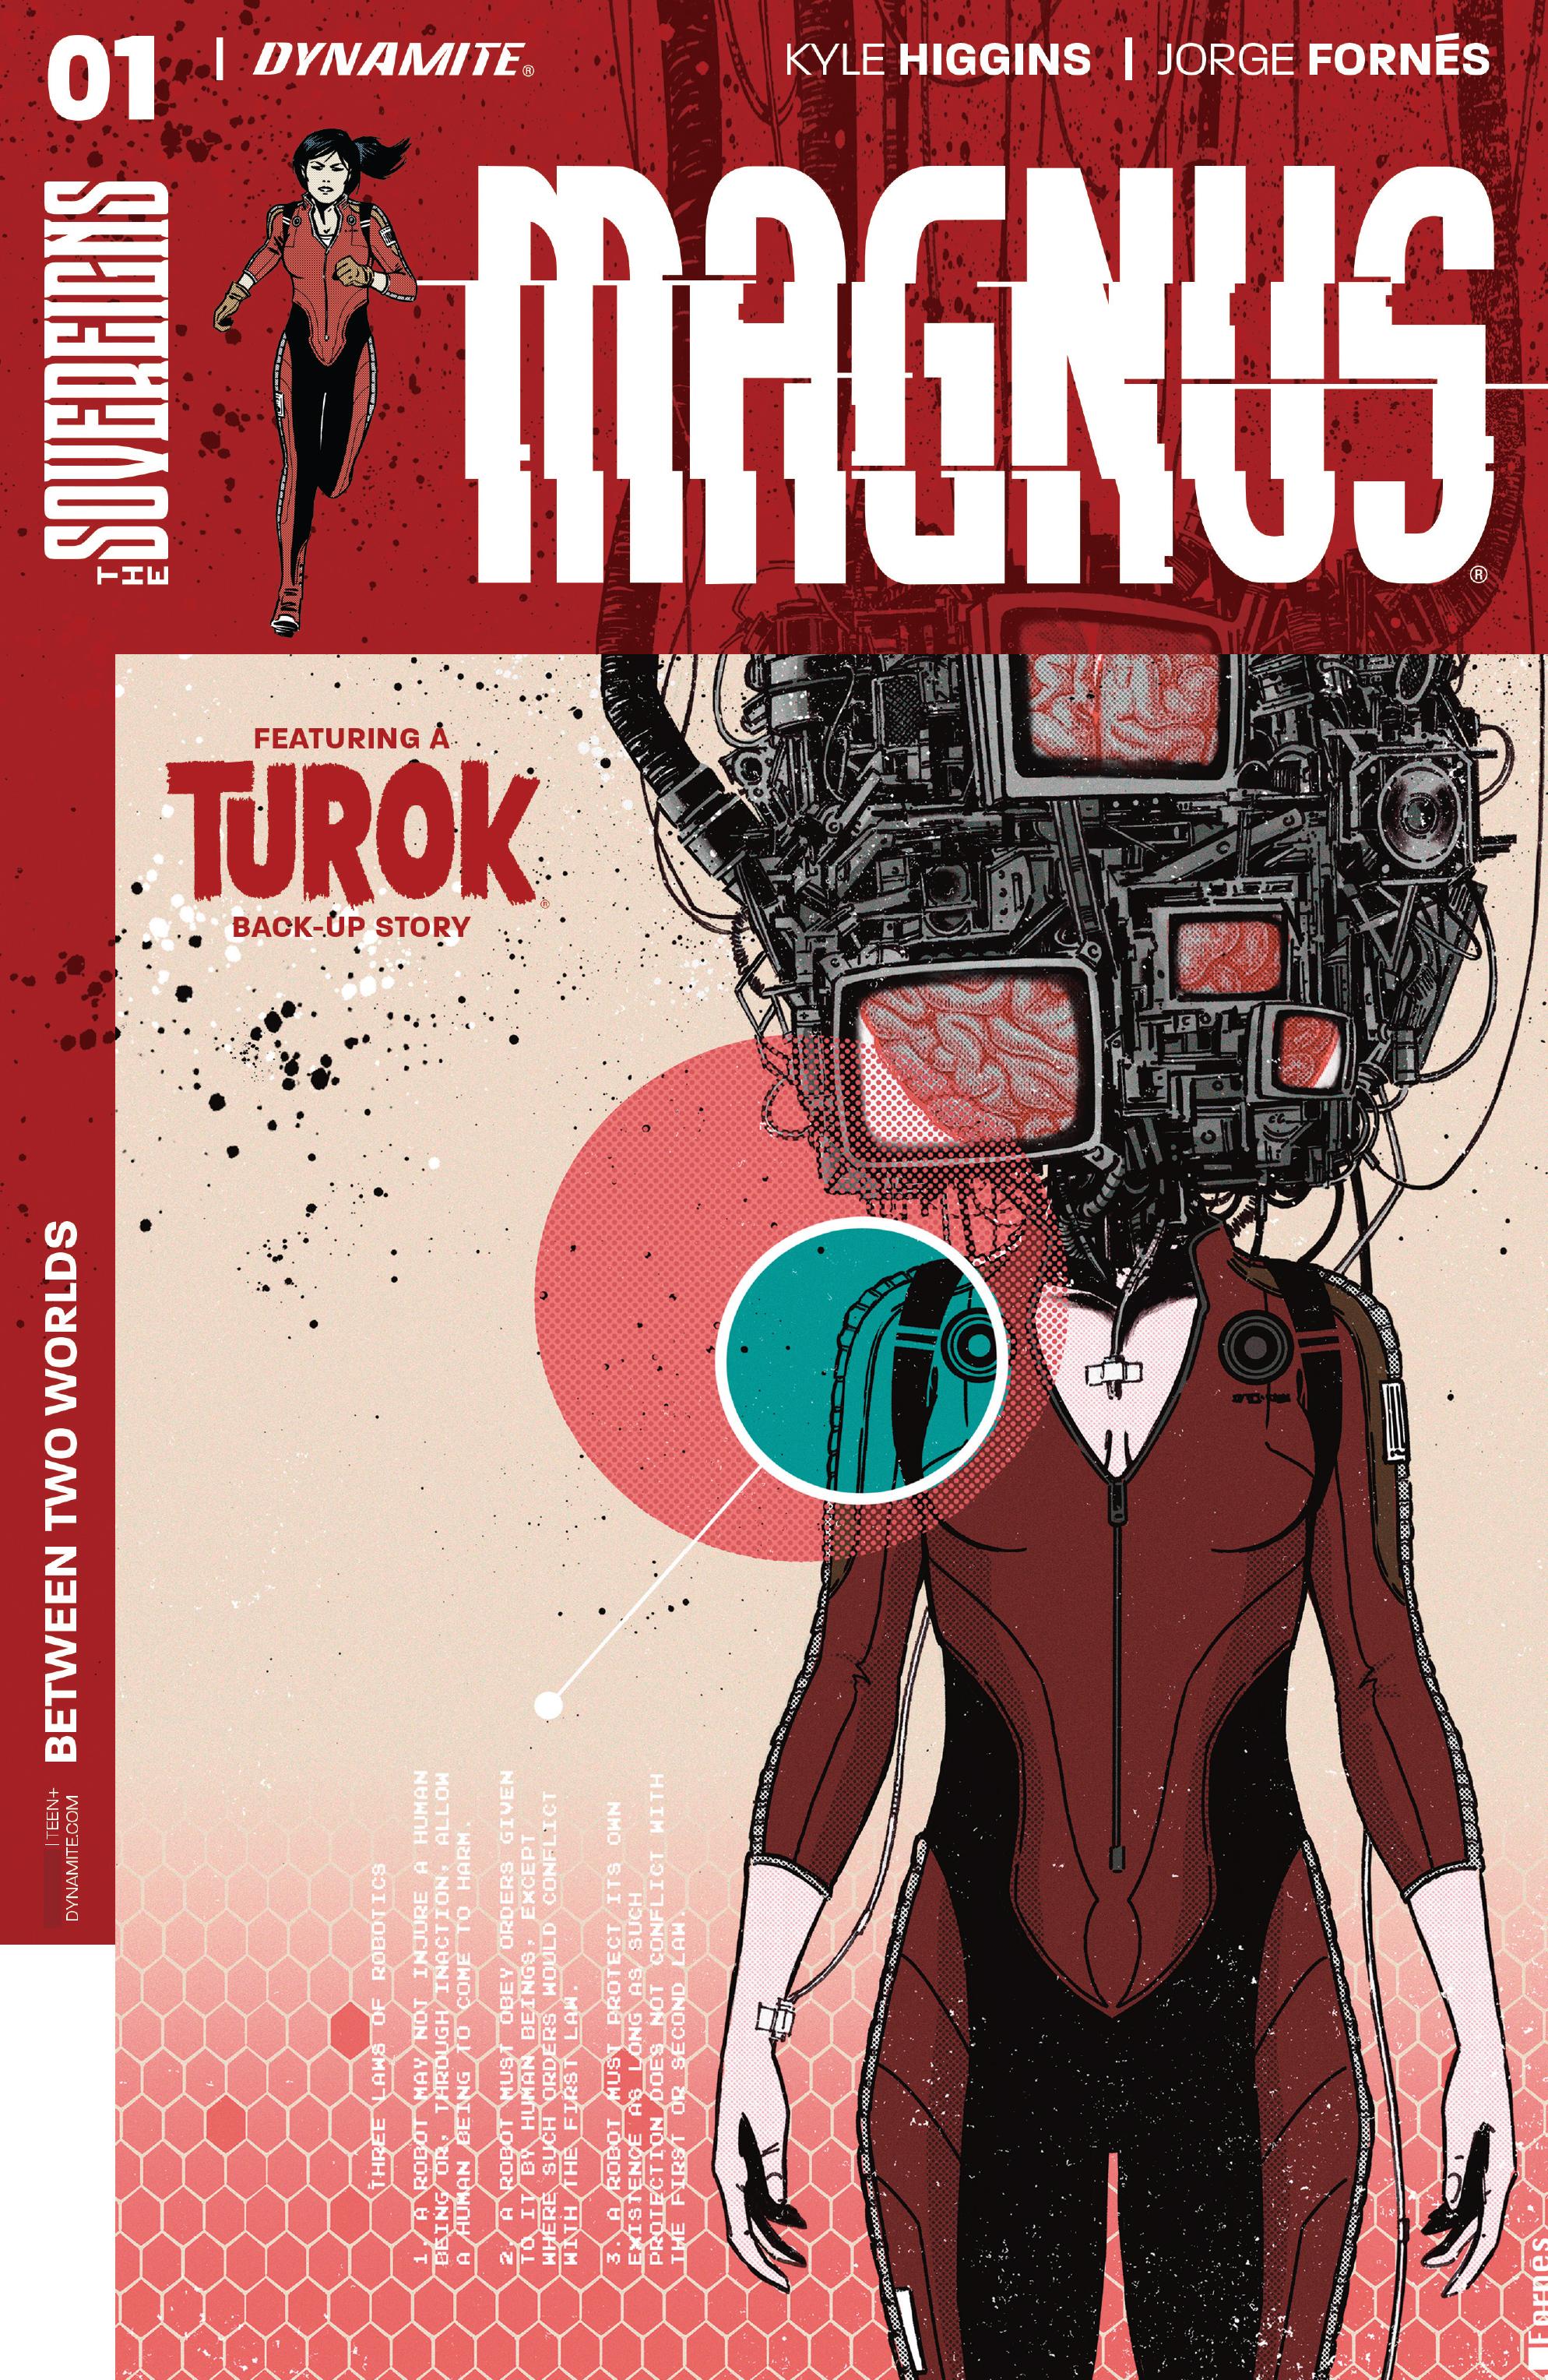 Read online Magnus comic -  Issue #1 - 2